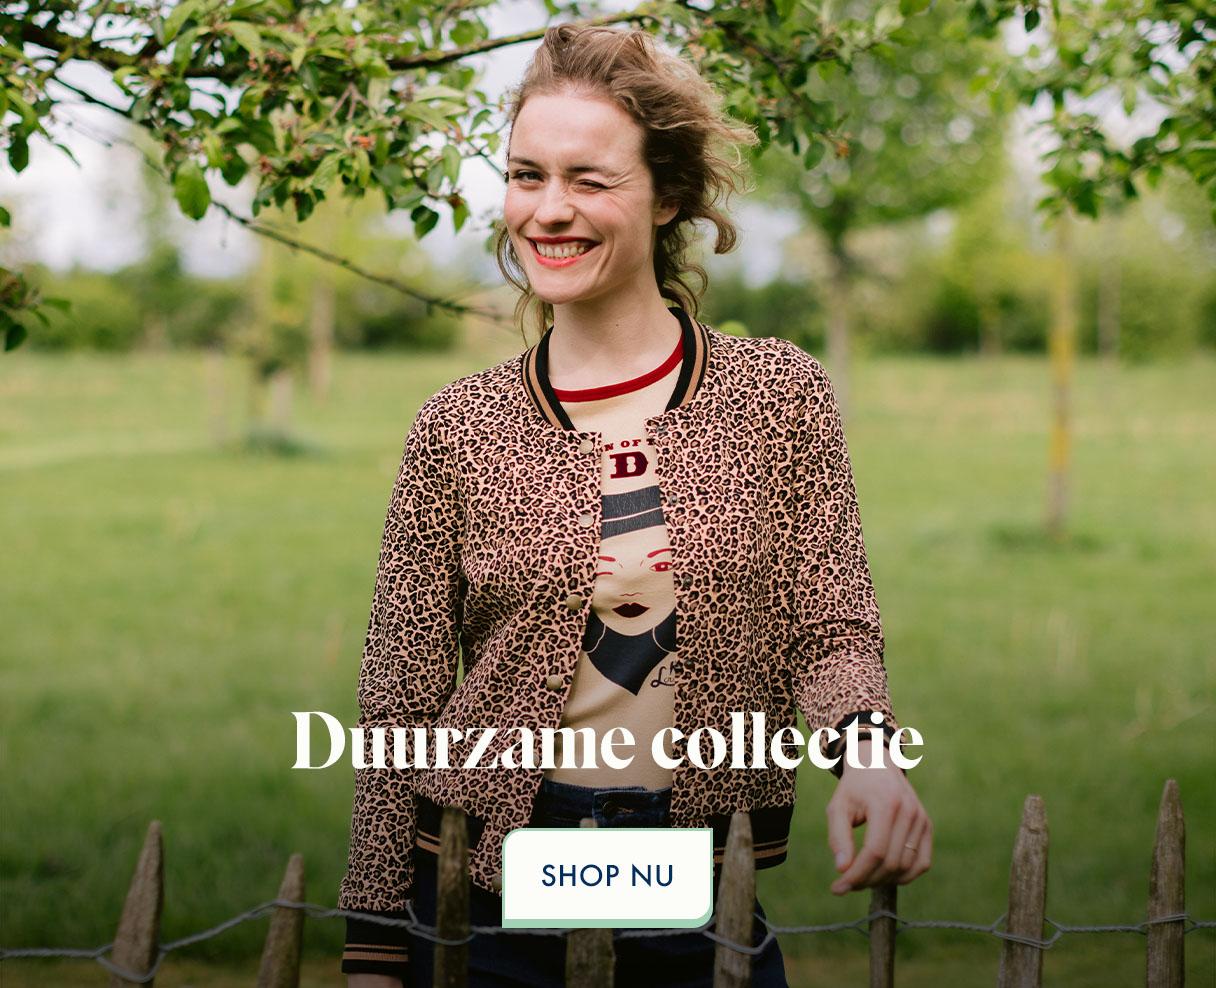 Duurzame collectie